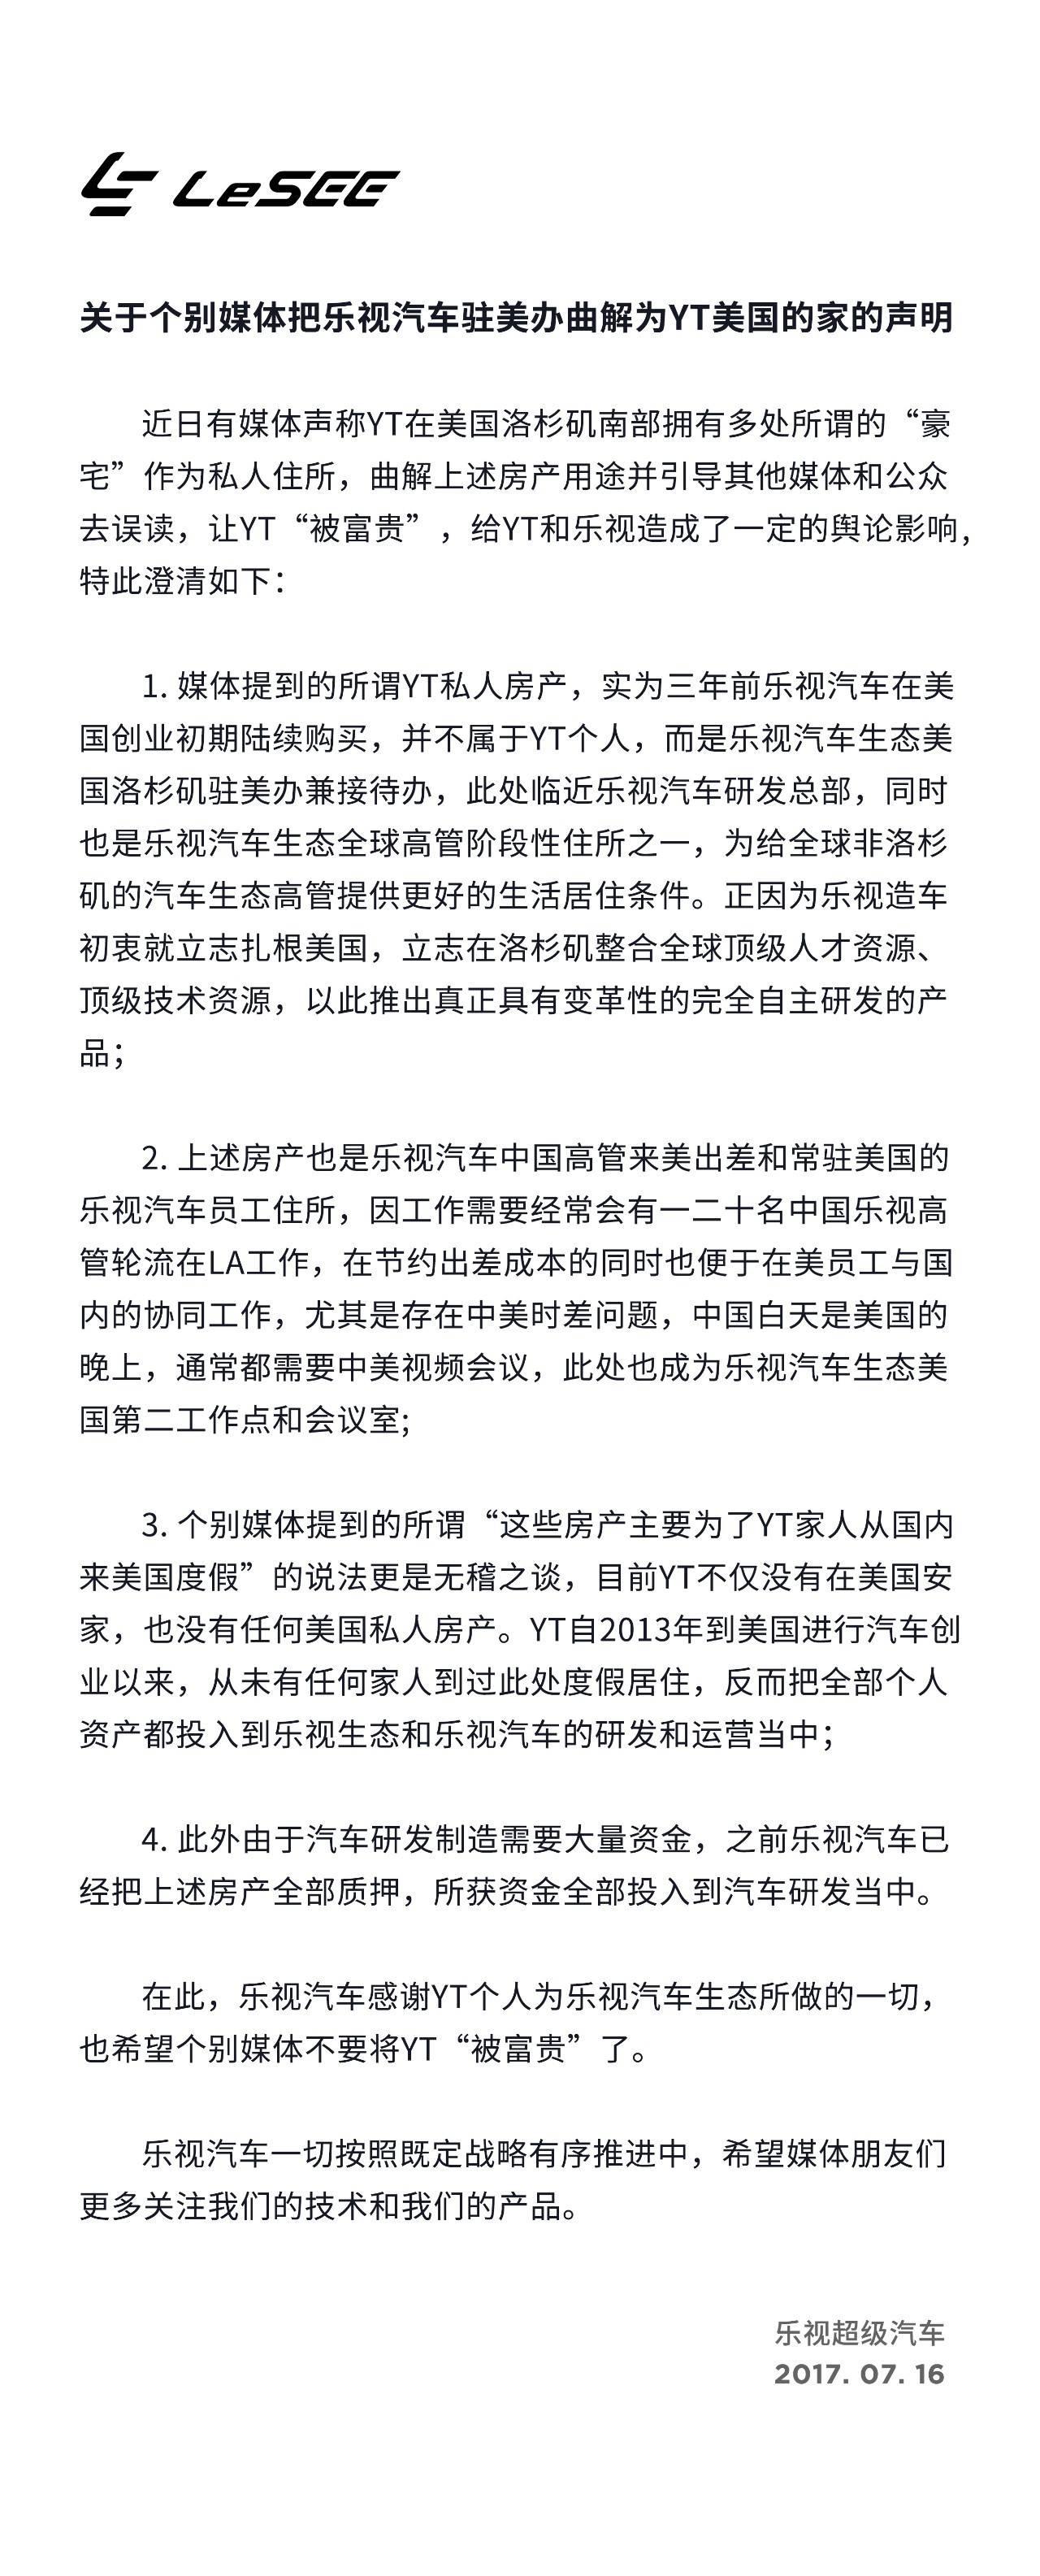 乐视汽车:媒体报道贾跃亭在美私人房产实为公司驻美办